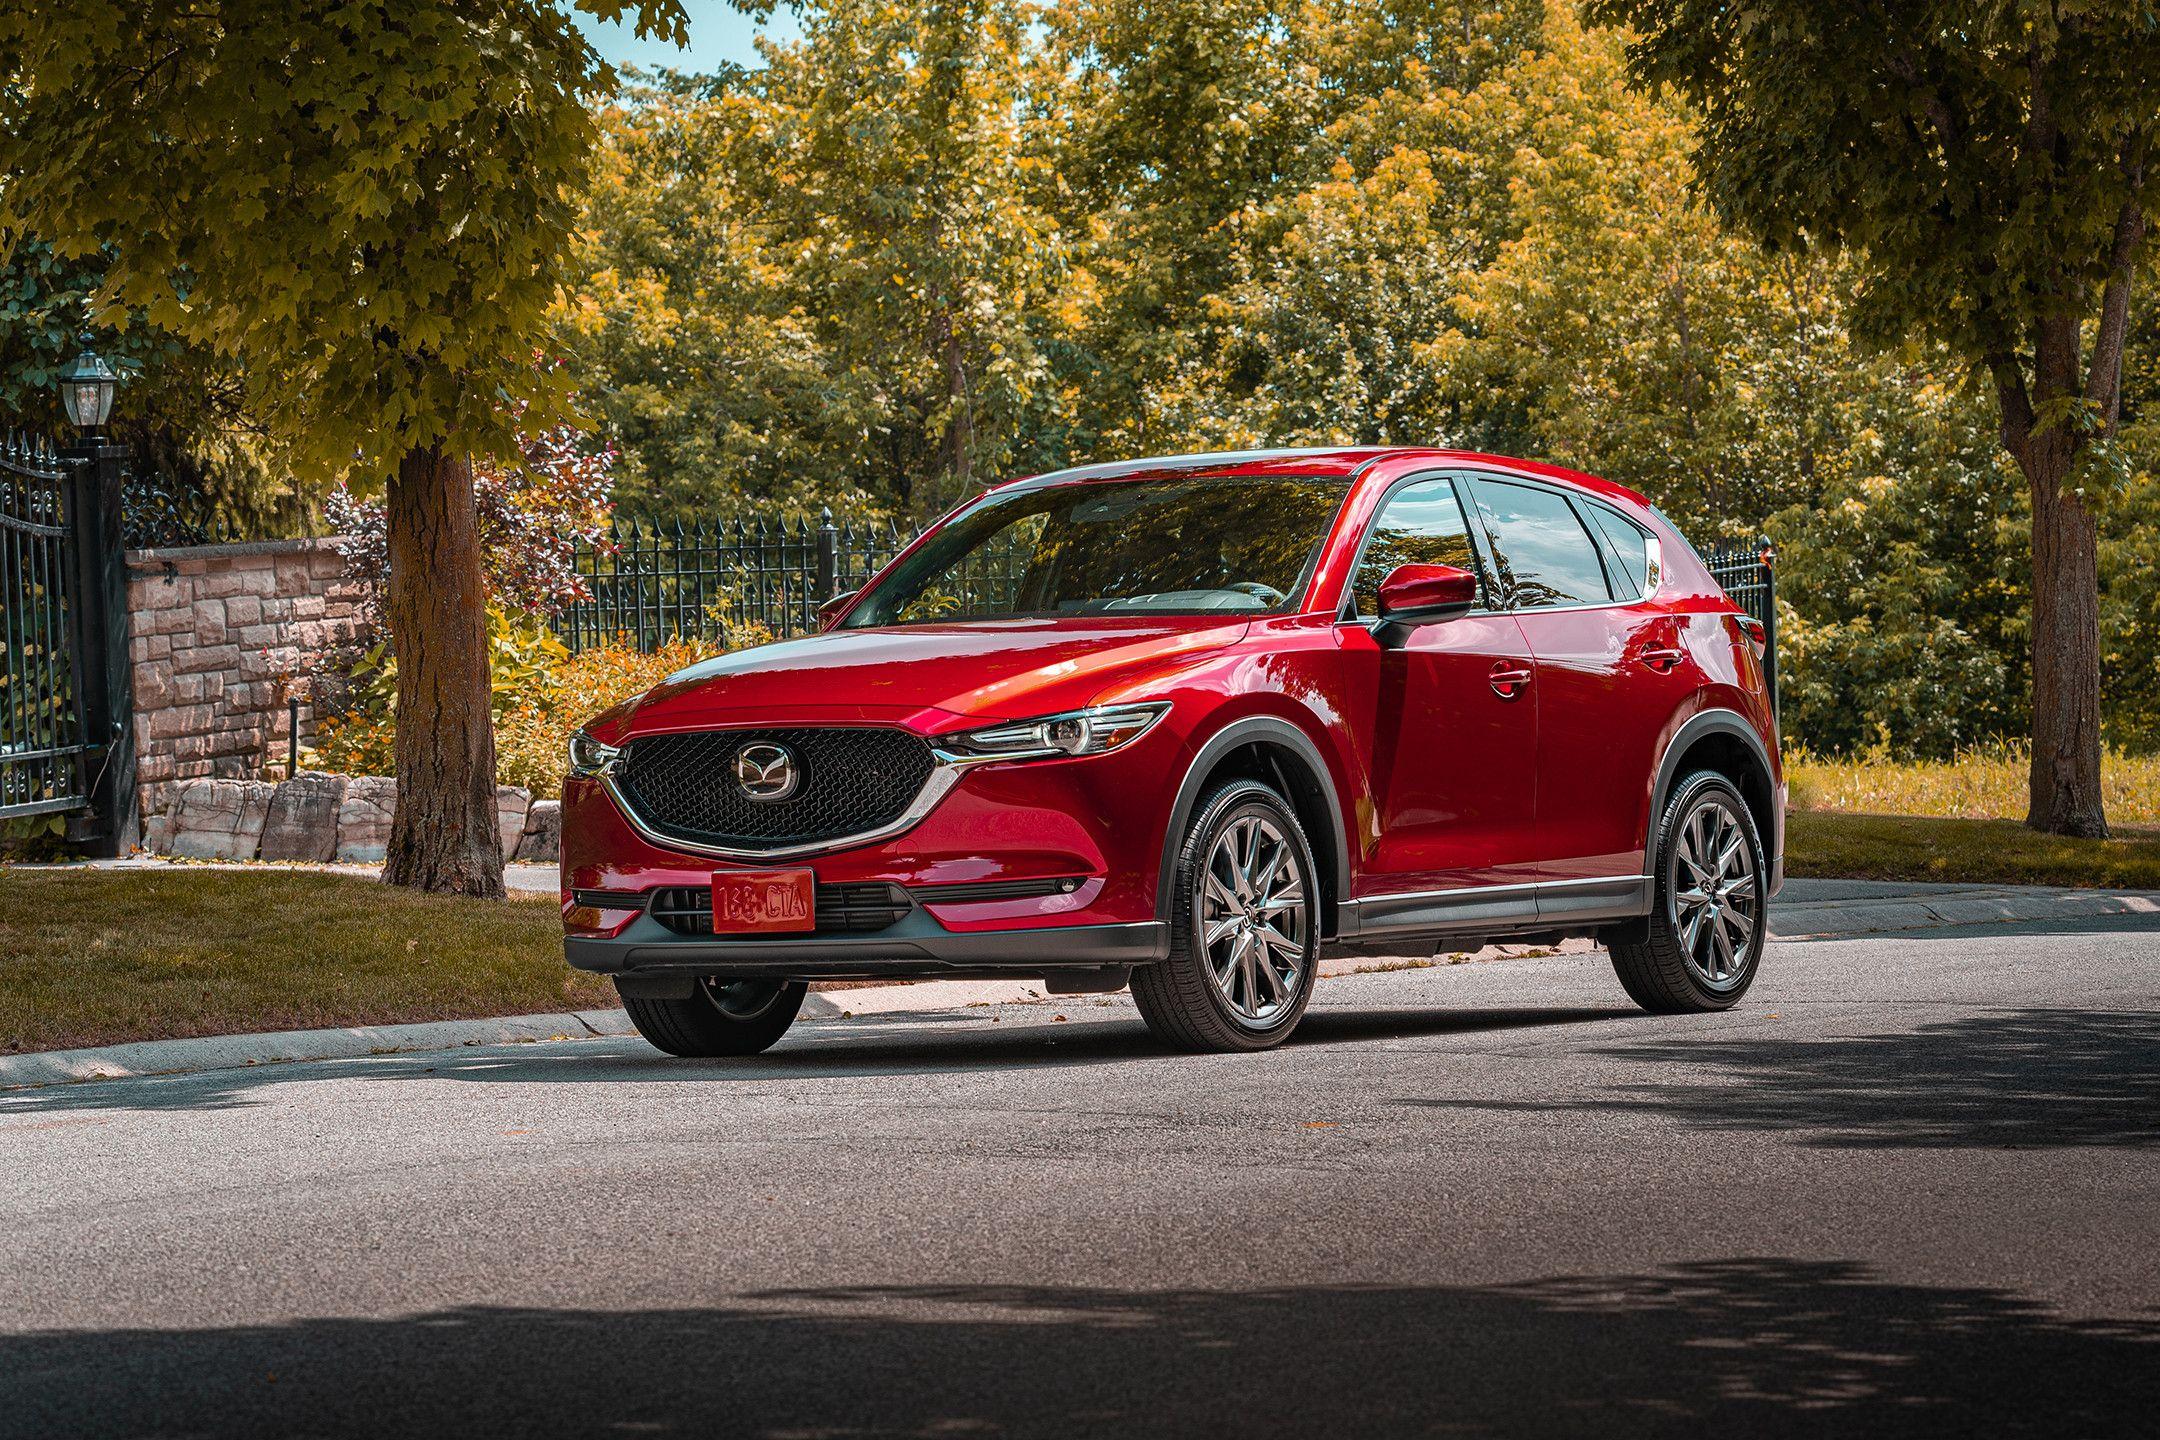 Mazda Cx 5 2019 Vs 2020 Review And Price 2020